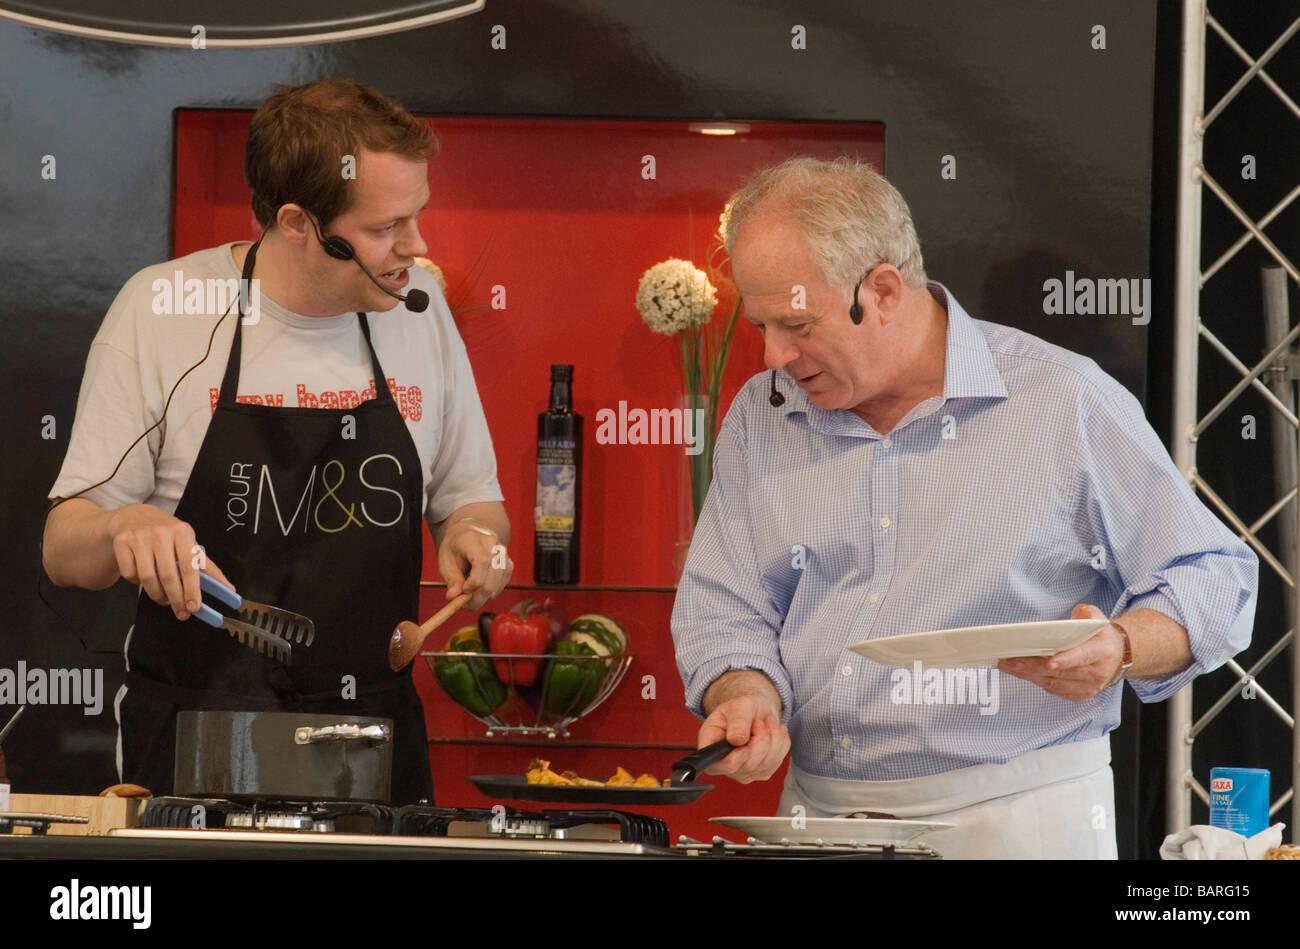 Aldeburgh Nahrungsmittelmesse Snape Maltings Suffolk UK Matthew Fort und Tom Parker Bowles geben Essen Demo Foto Stockfoto